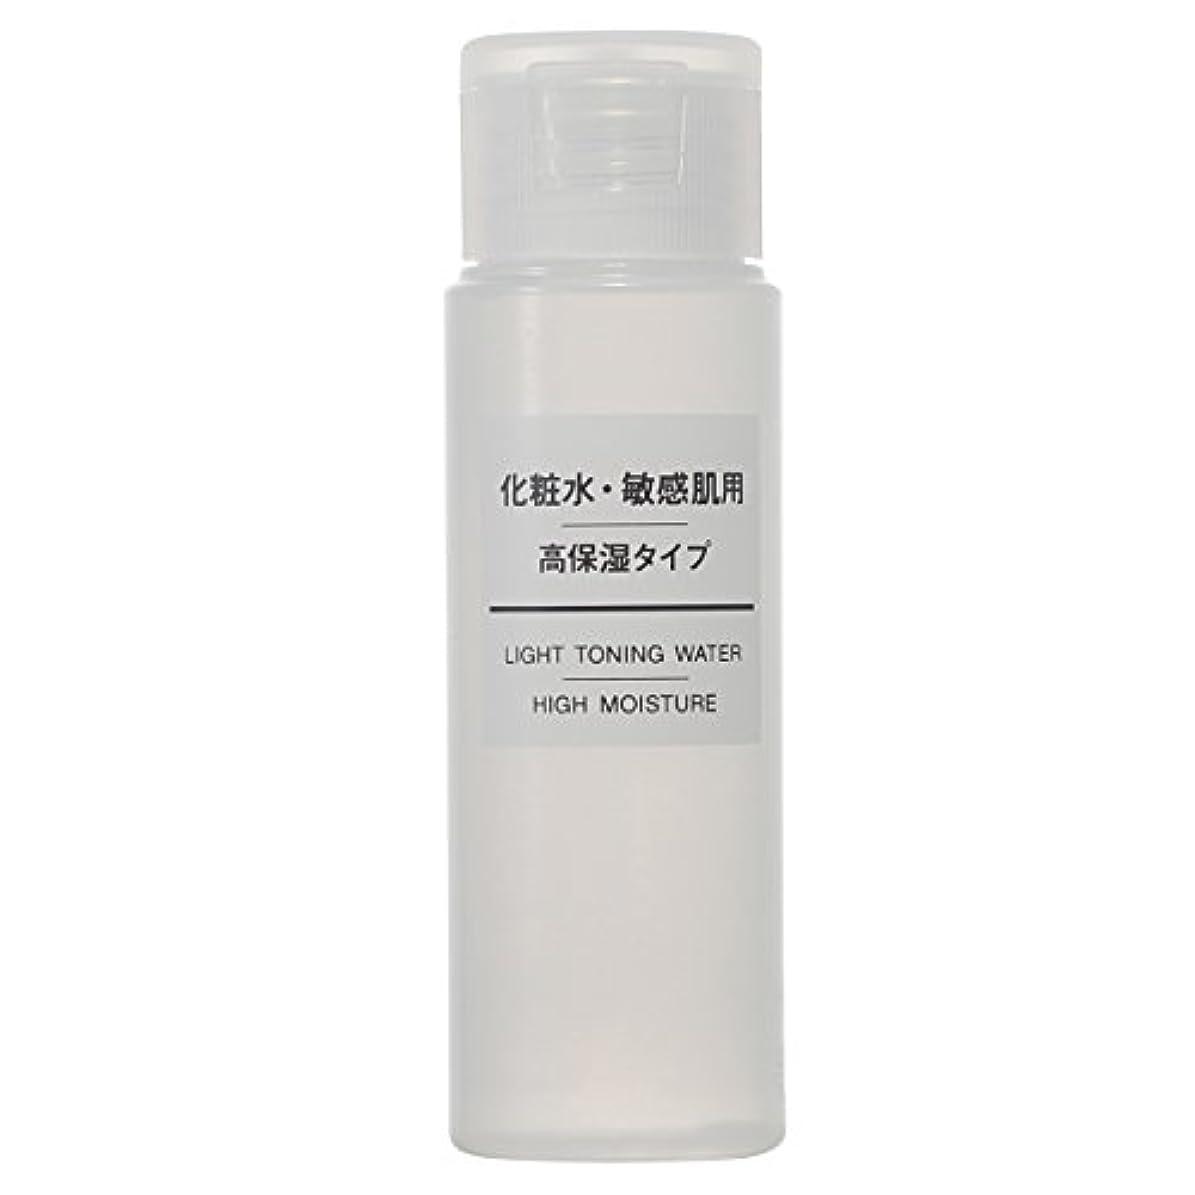 サリー必要ないシャーロットブロンテ無印良品 化粧水 敏感肌用 高保湿タイプ(携帯用) 50ml